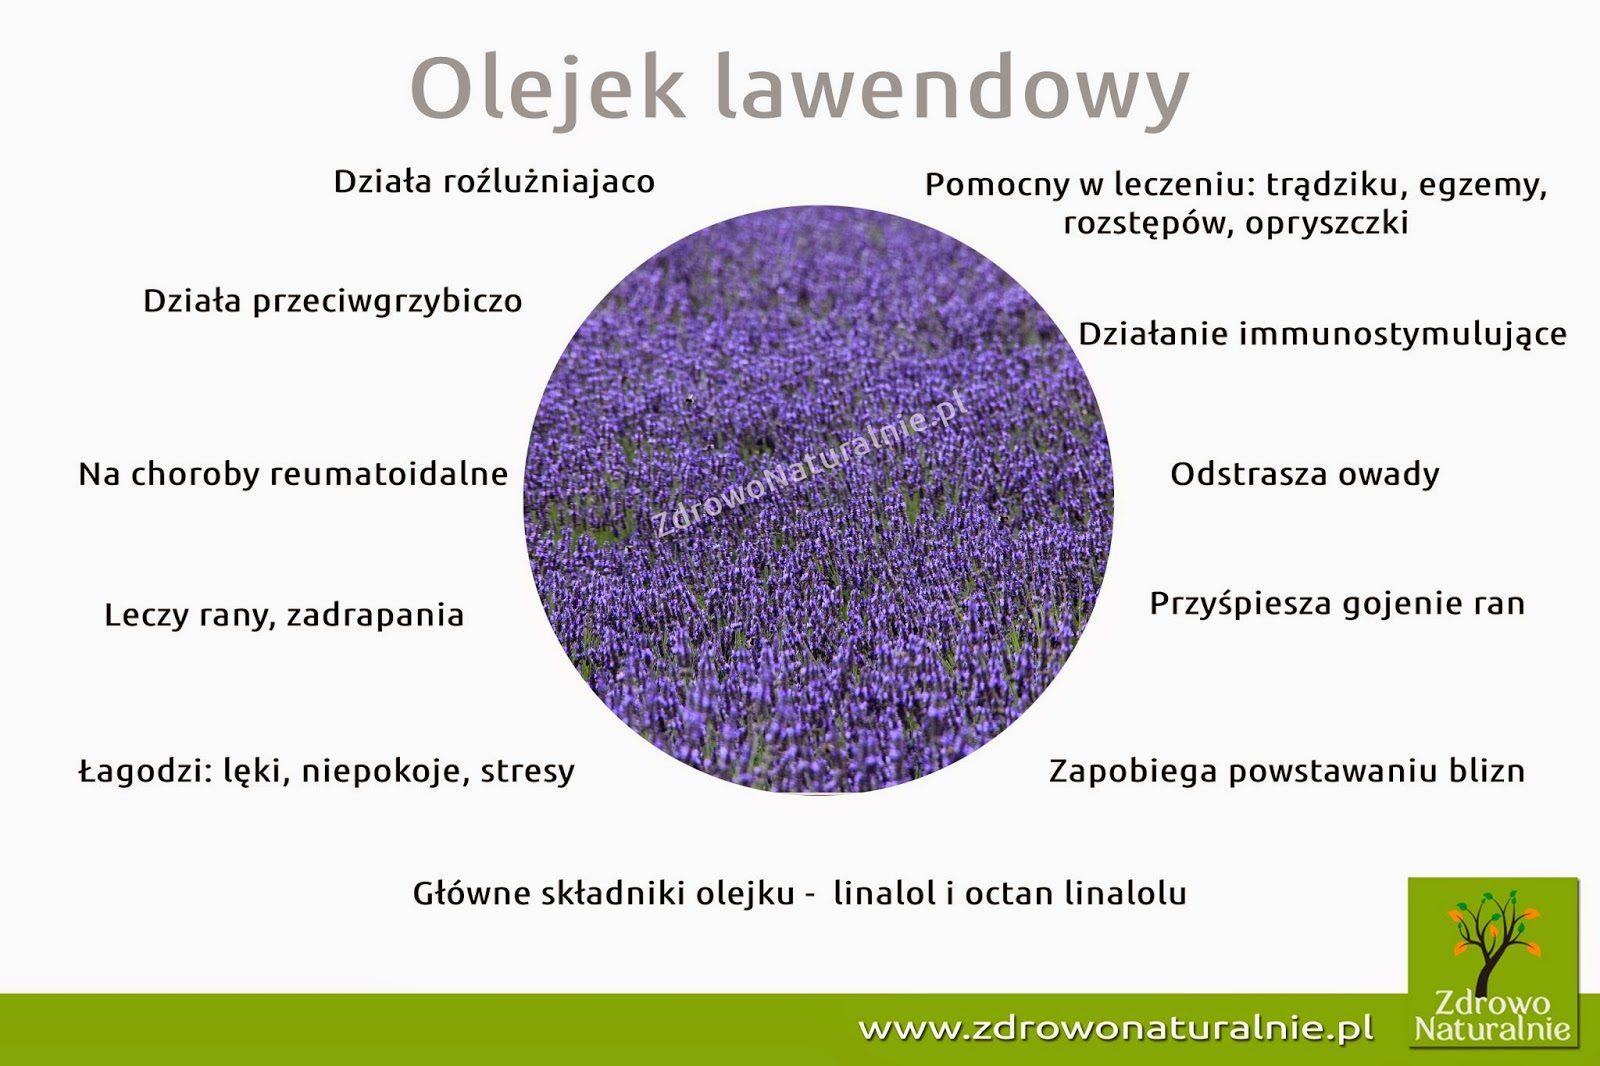 olejek2blawendowy-8254870